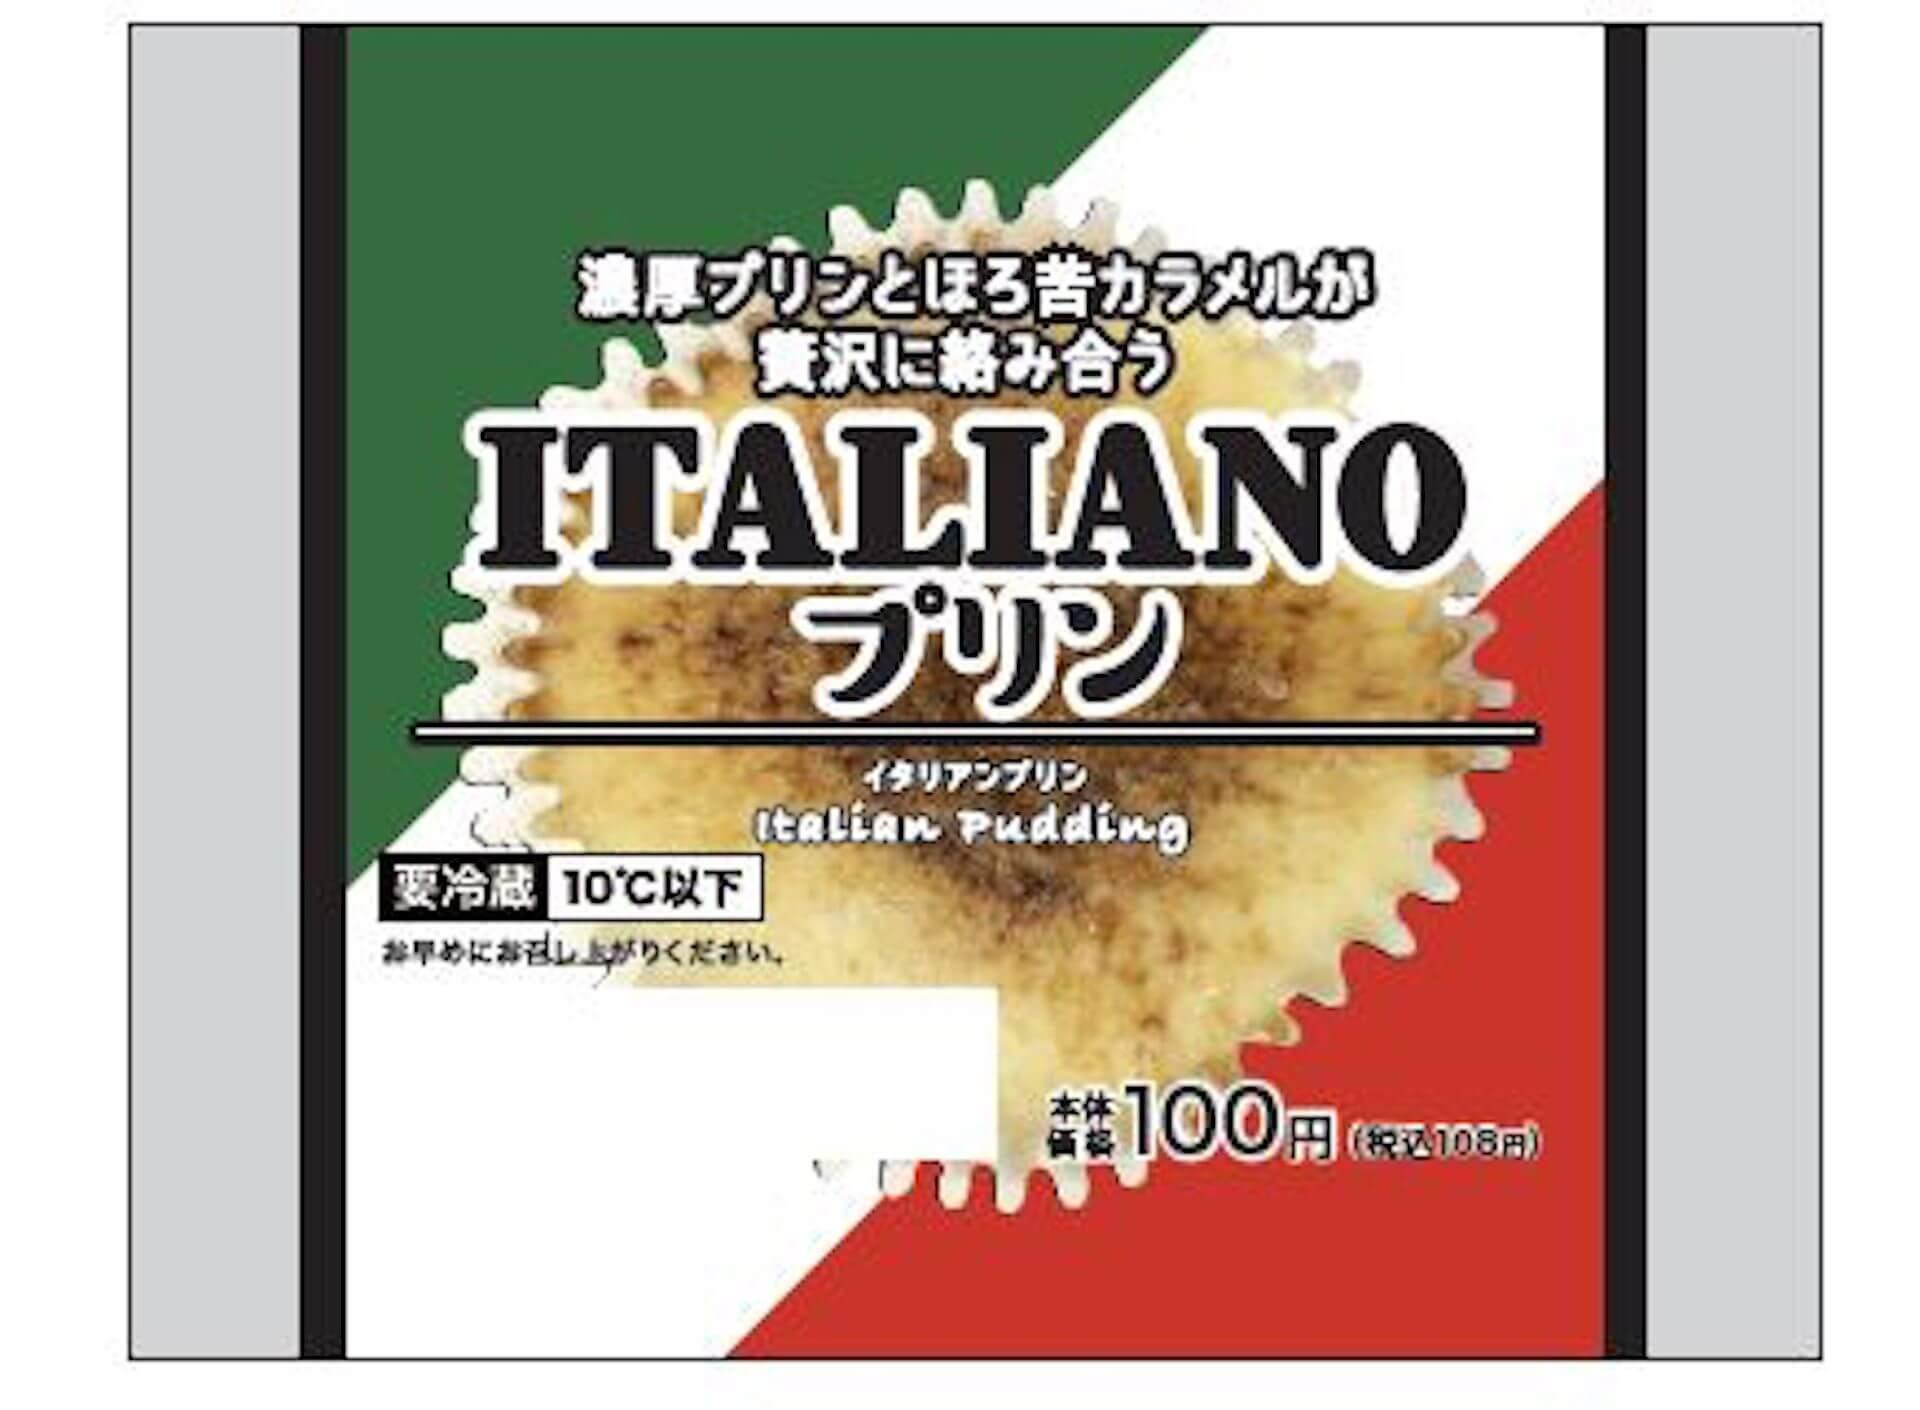 タピオカの次はプリン!ローソンストア100から話題の固いプリン『ITALIANOプリン(イタリアーノプリン)』が登場 gourmet200511_italianopuding_02